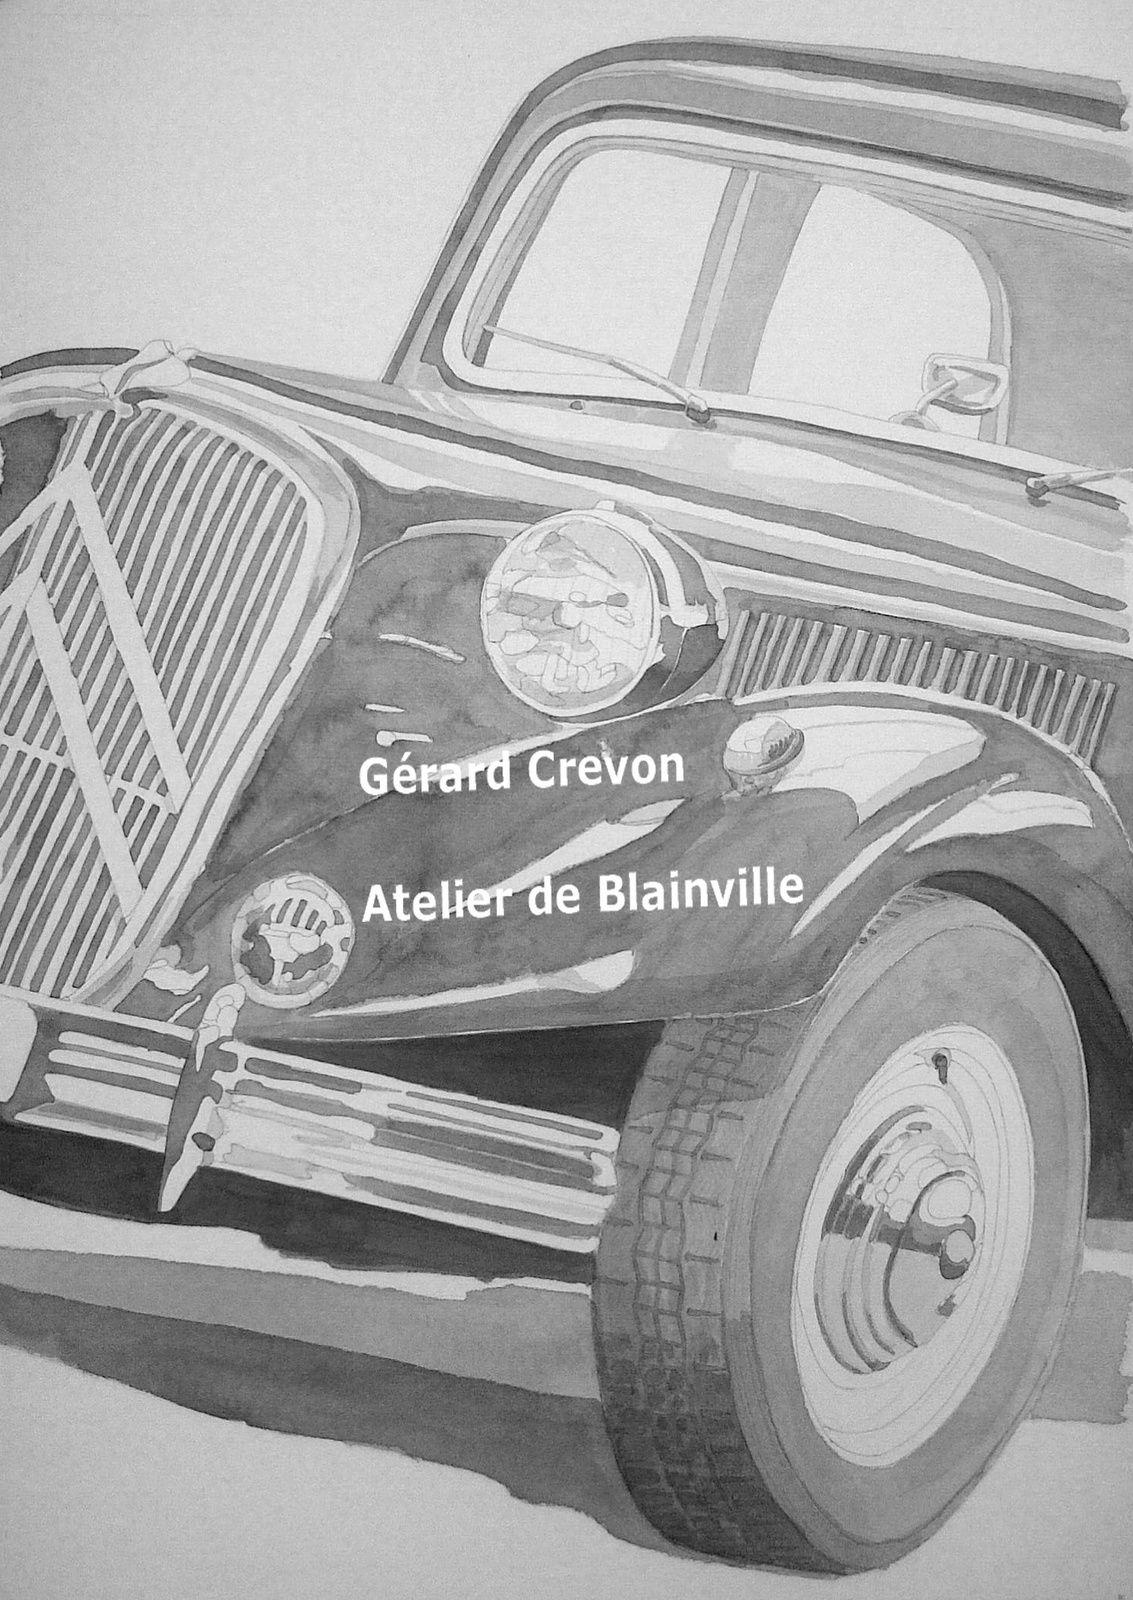 Toutes les annotations Gérard Crevon, Atelier de Blainville ont été ajoutées par nos soins.